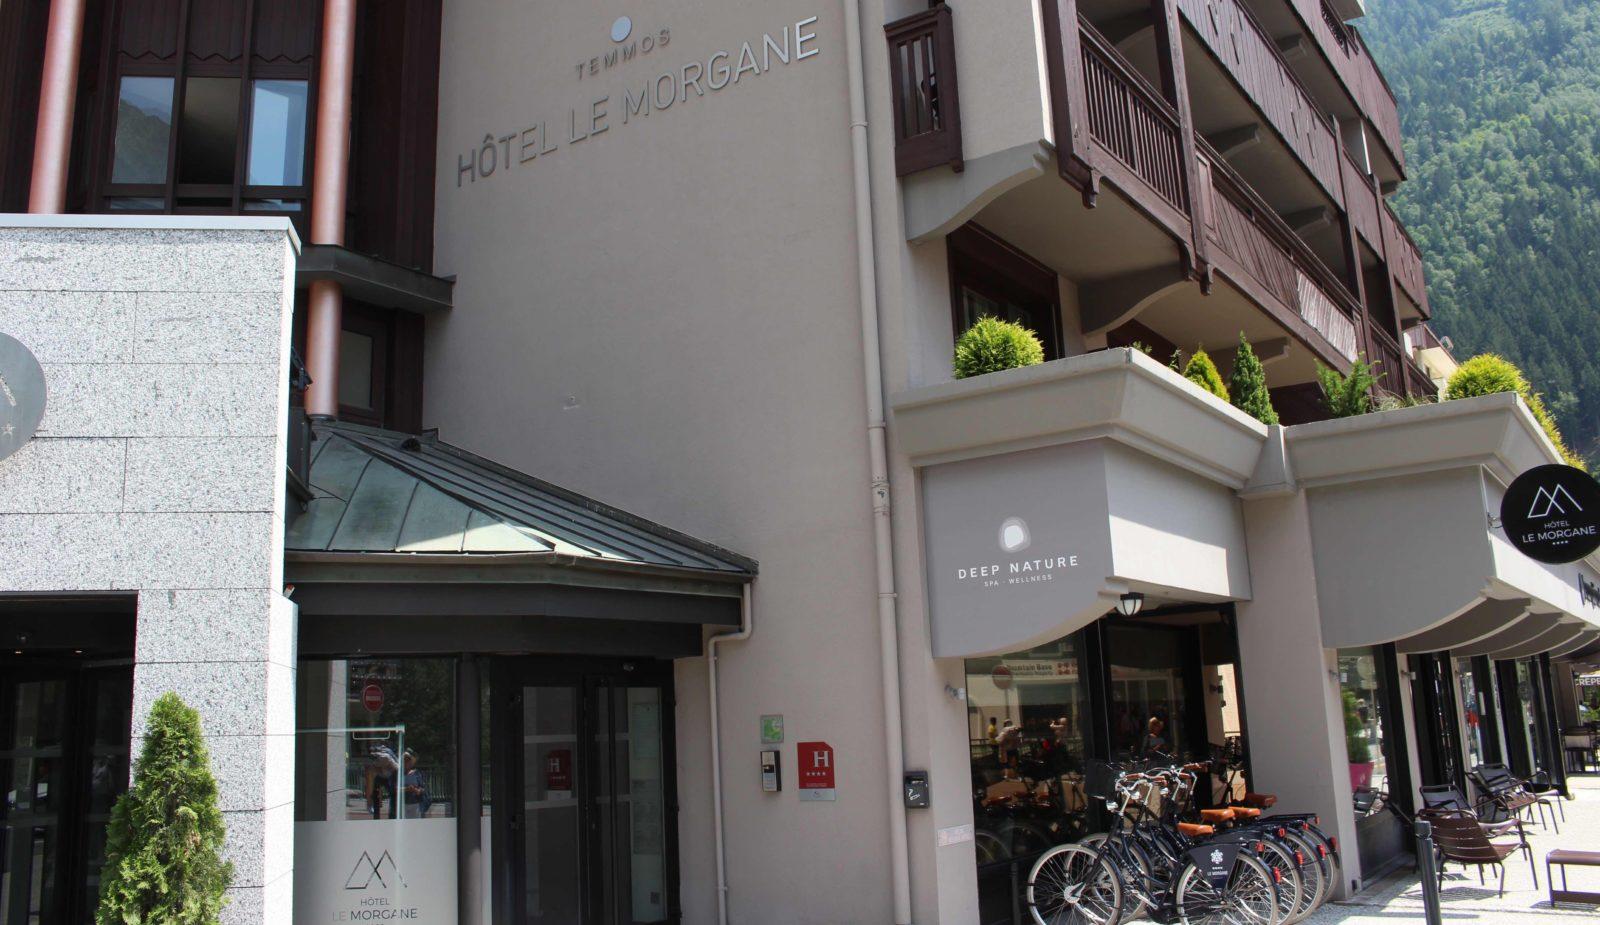 Chamonix Hôtel le Morgane